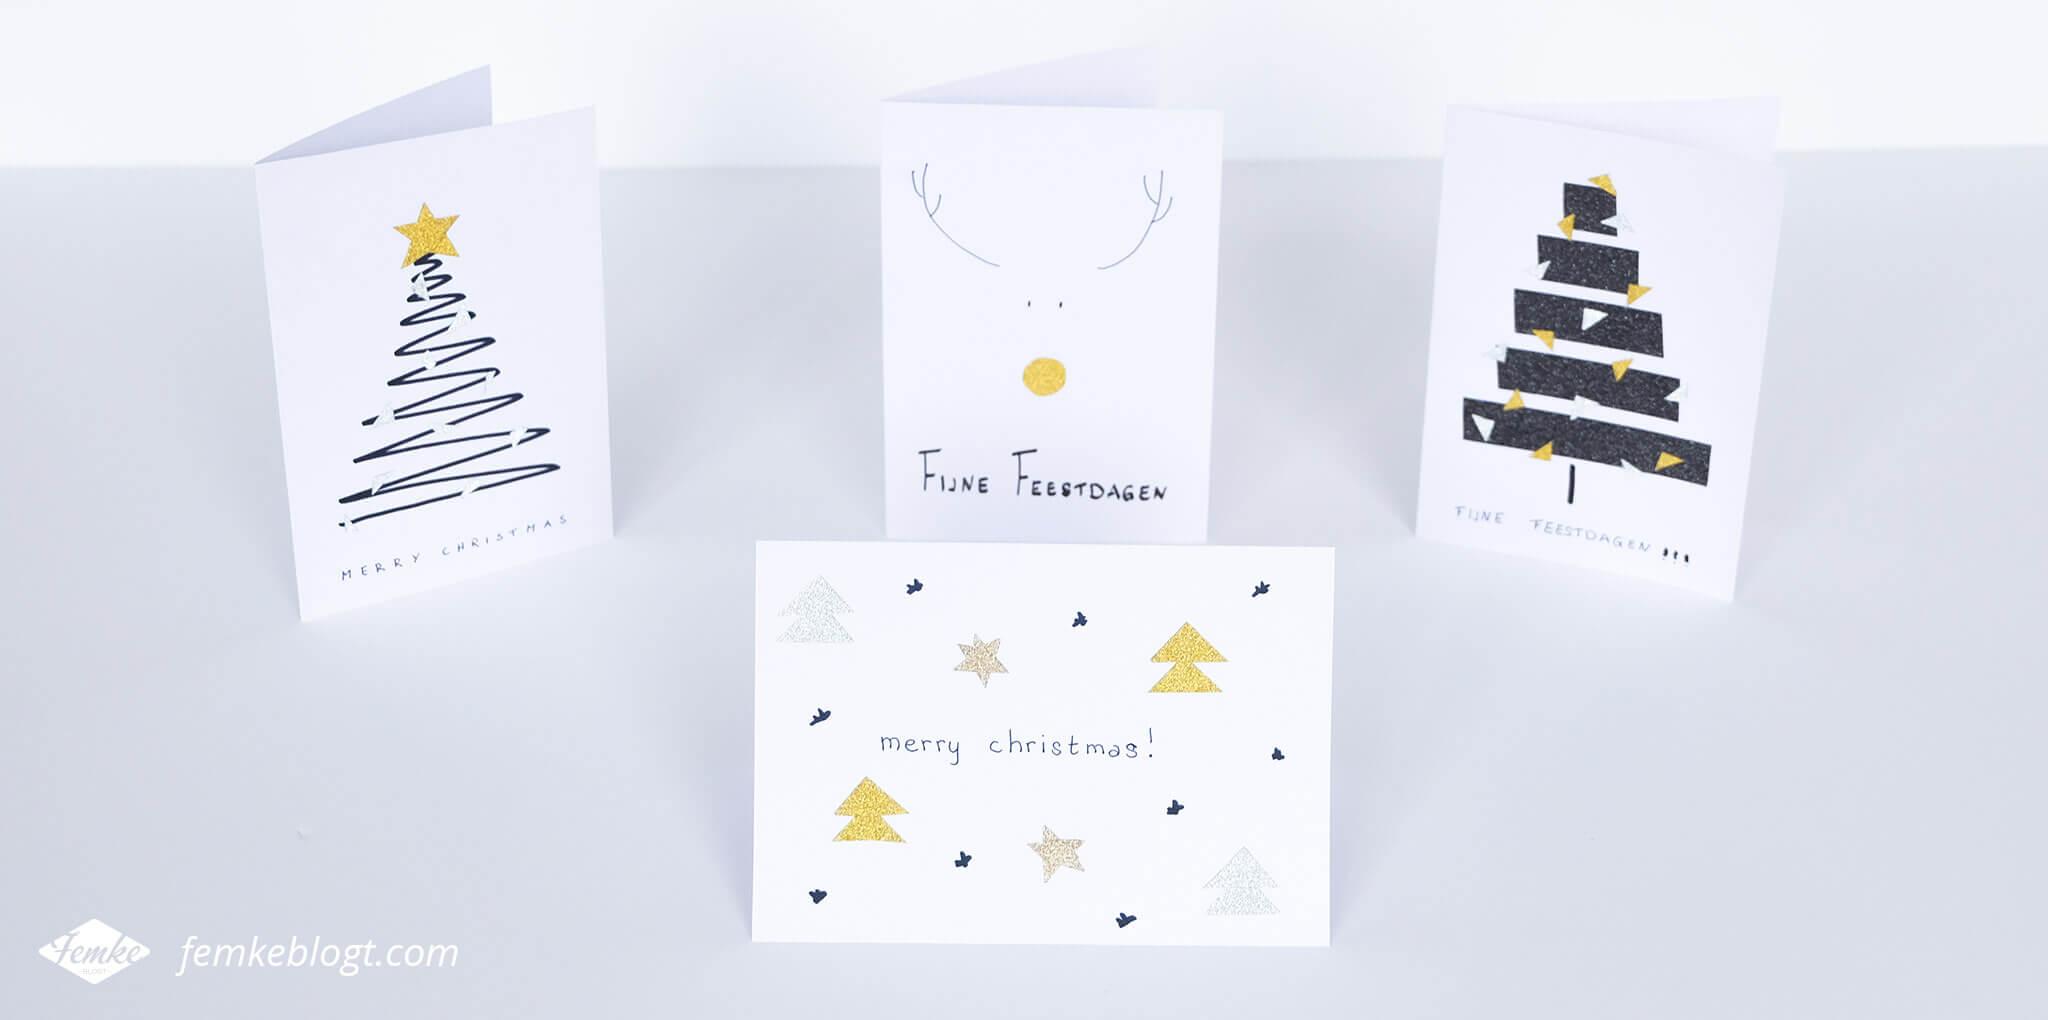 DIY kerstkaarten met glitter washi tape   Deze simpele kerstkaarten maak je eenvoudig zelf met wit papier, een zwarte stift en glitter washi tape!